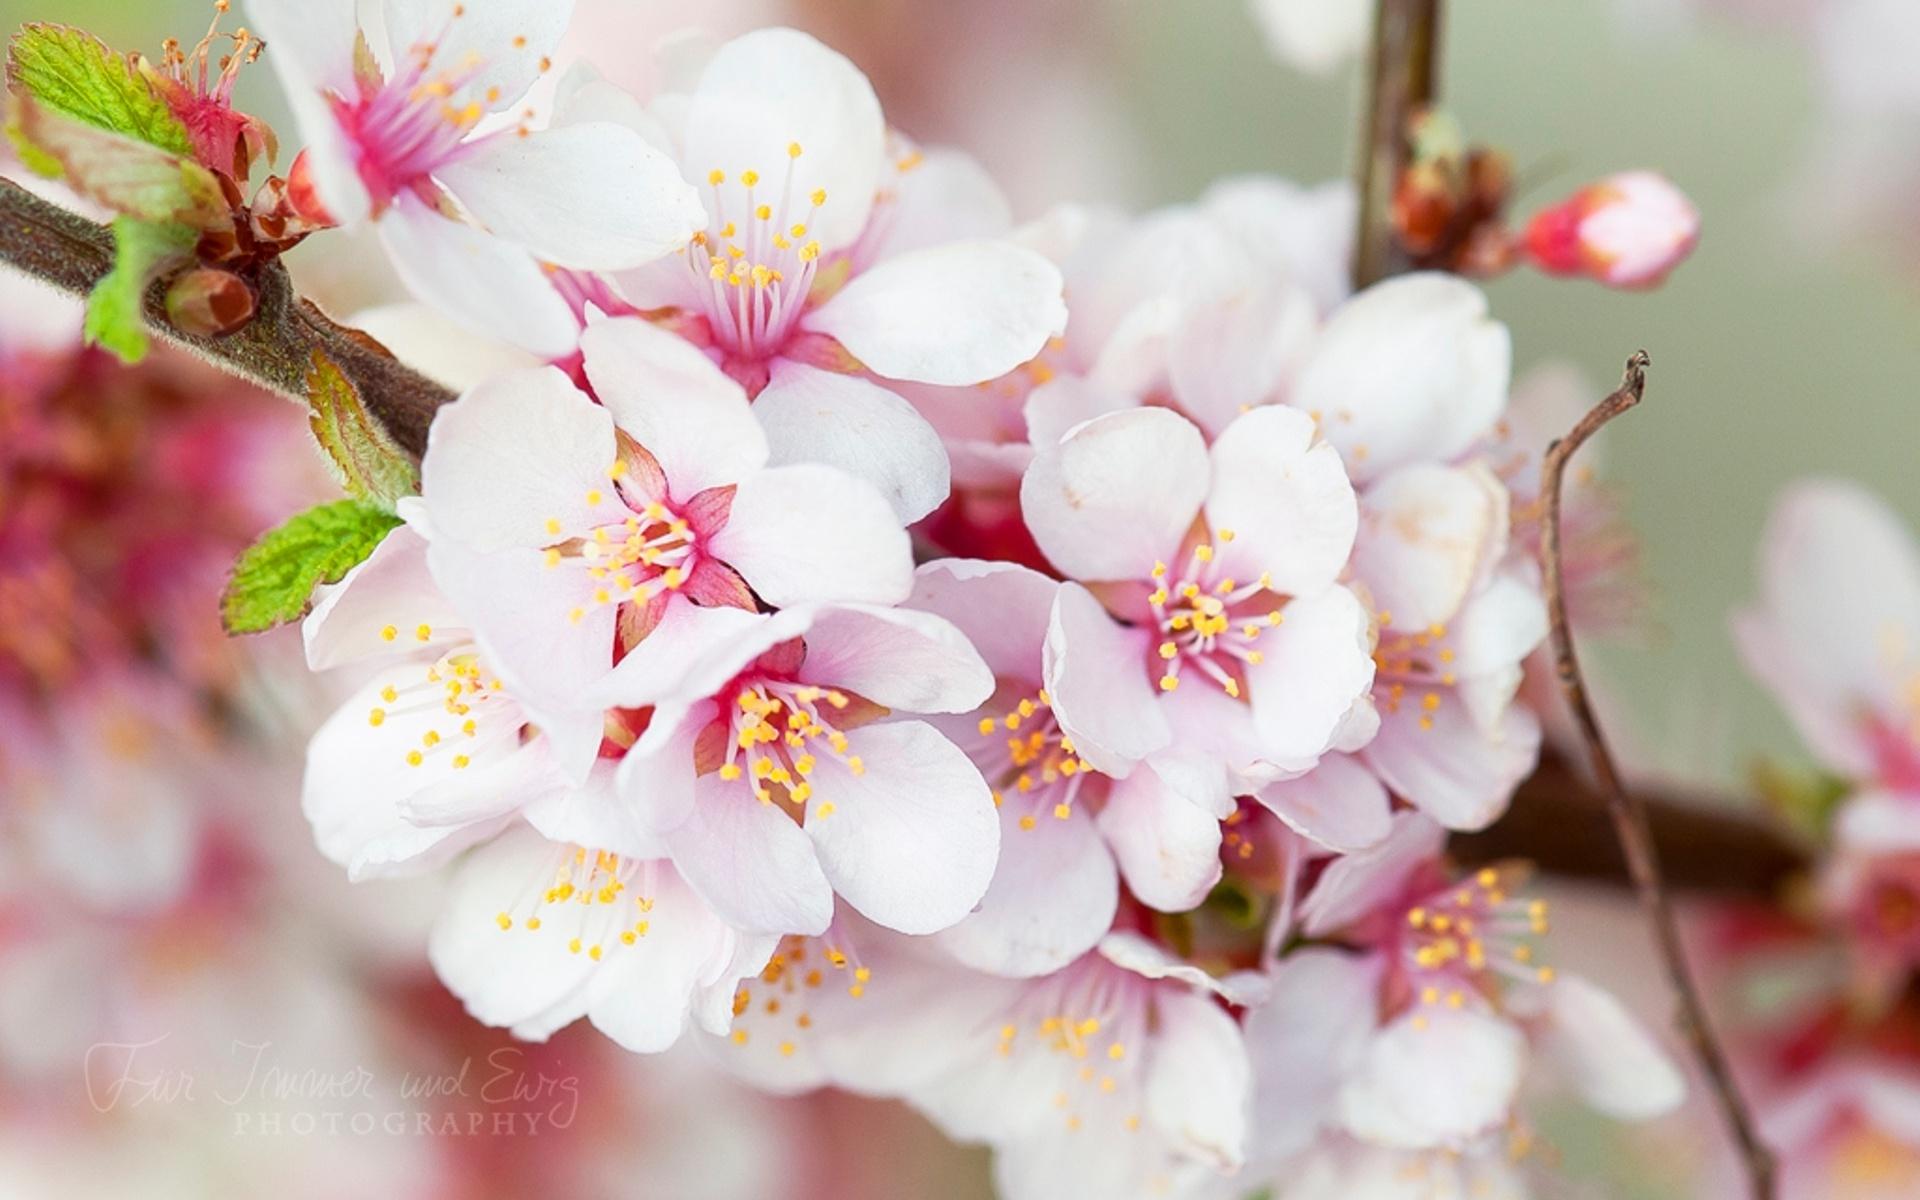 весна фото обои для мобильника это актуально